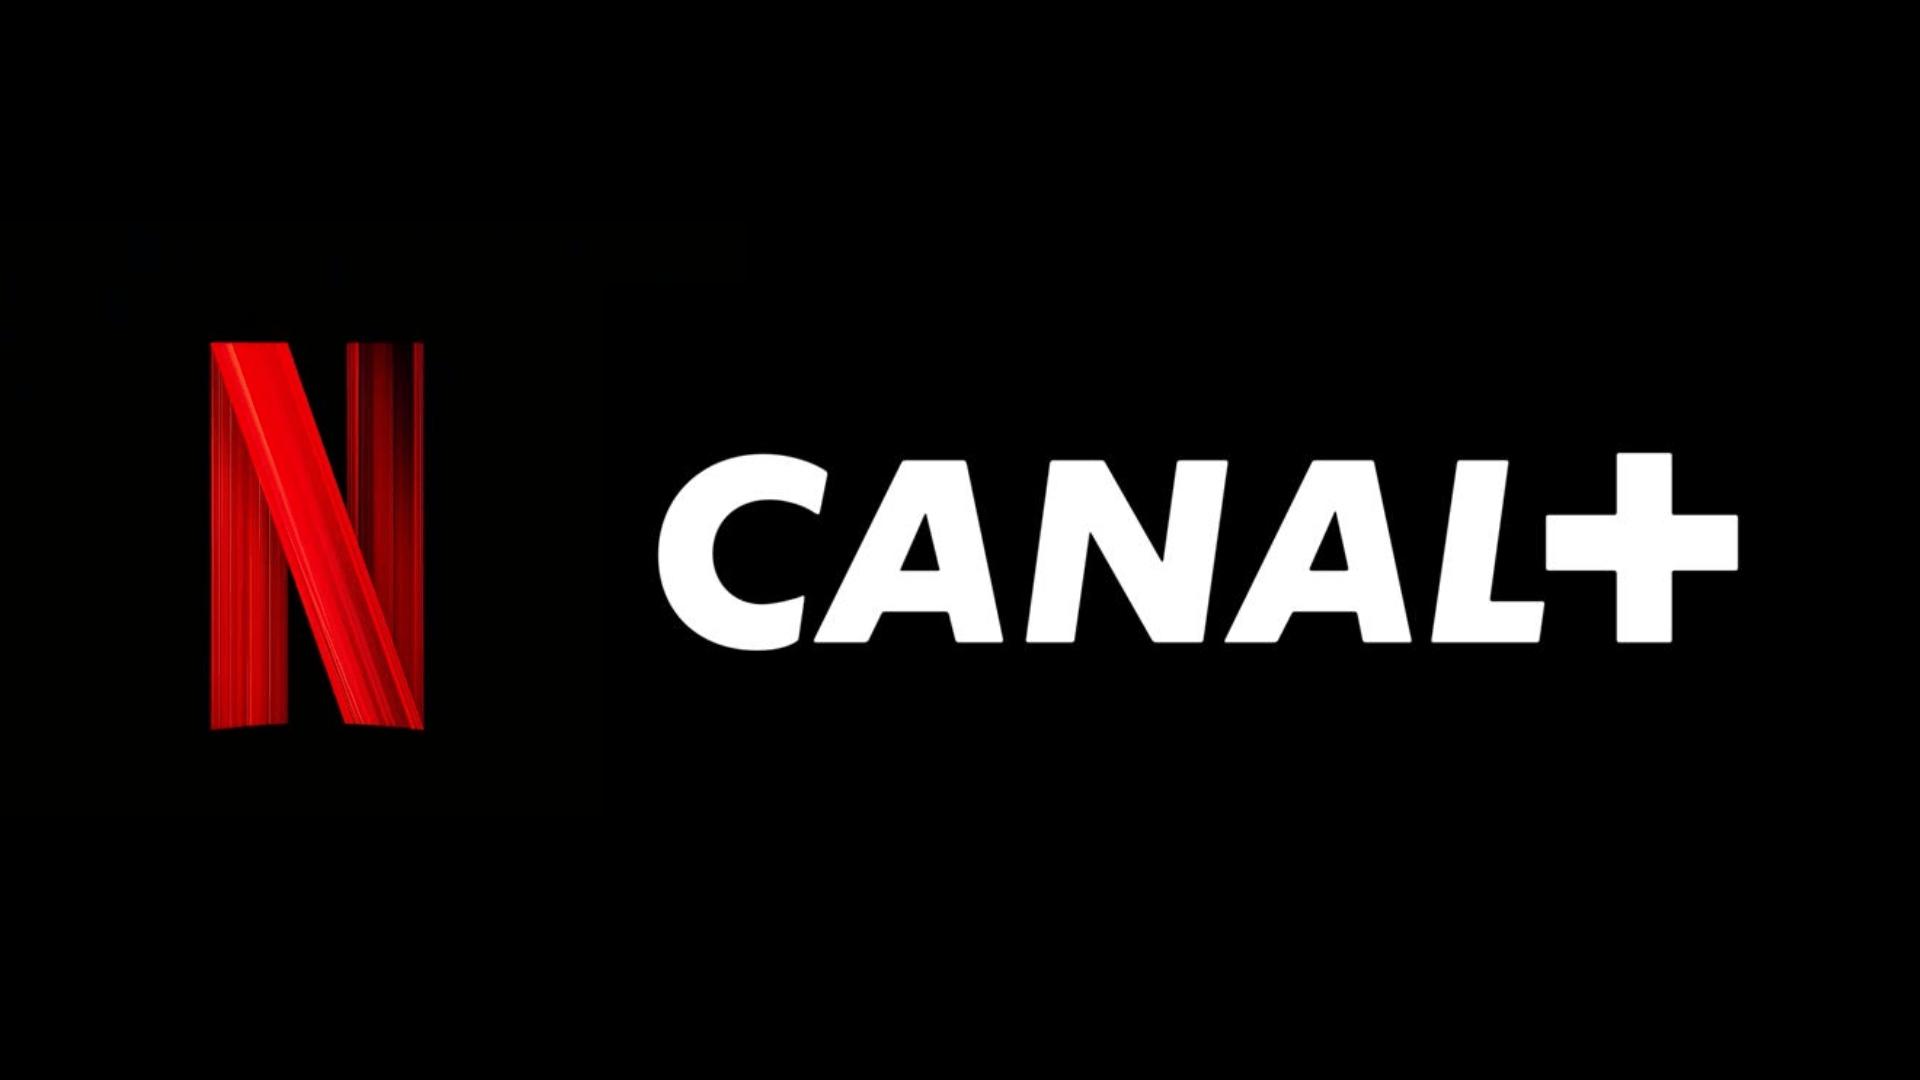 Les tarifs Netflix ont augmenté, mais pas les offres Canal+ incluant le service de VOD